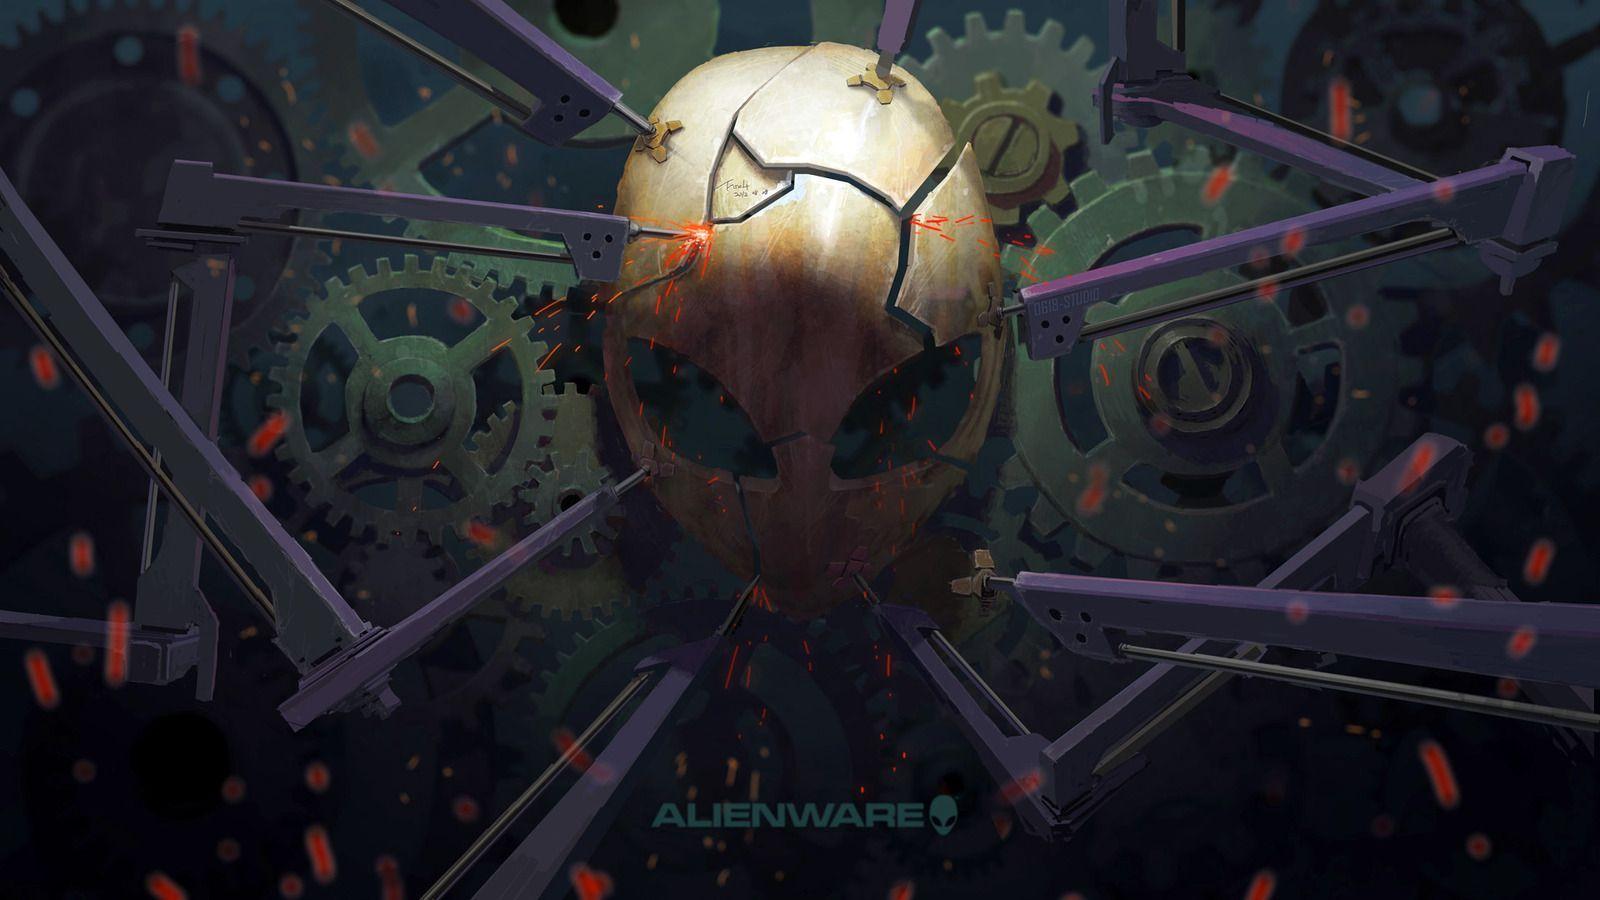 4k alienware